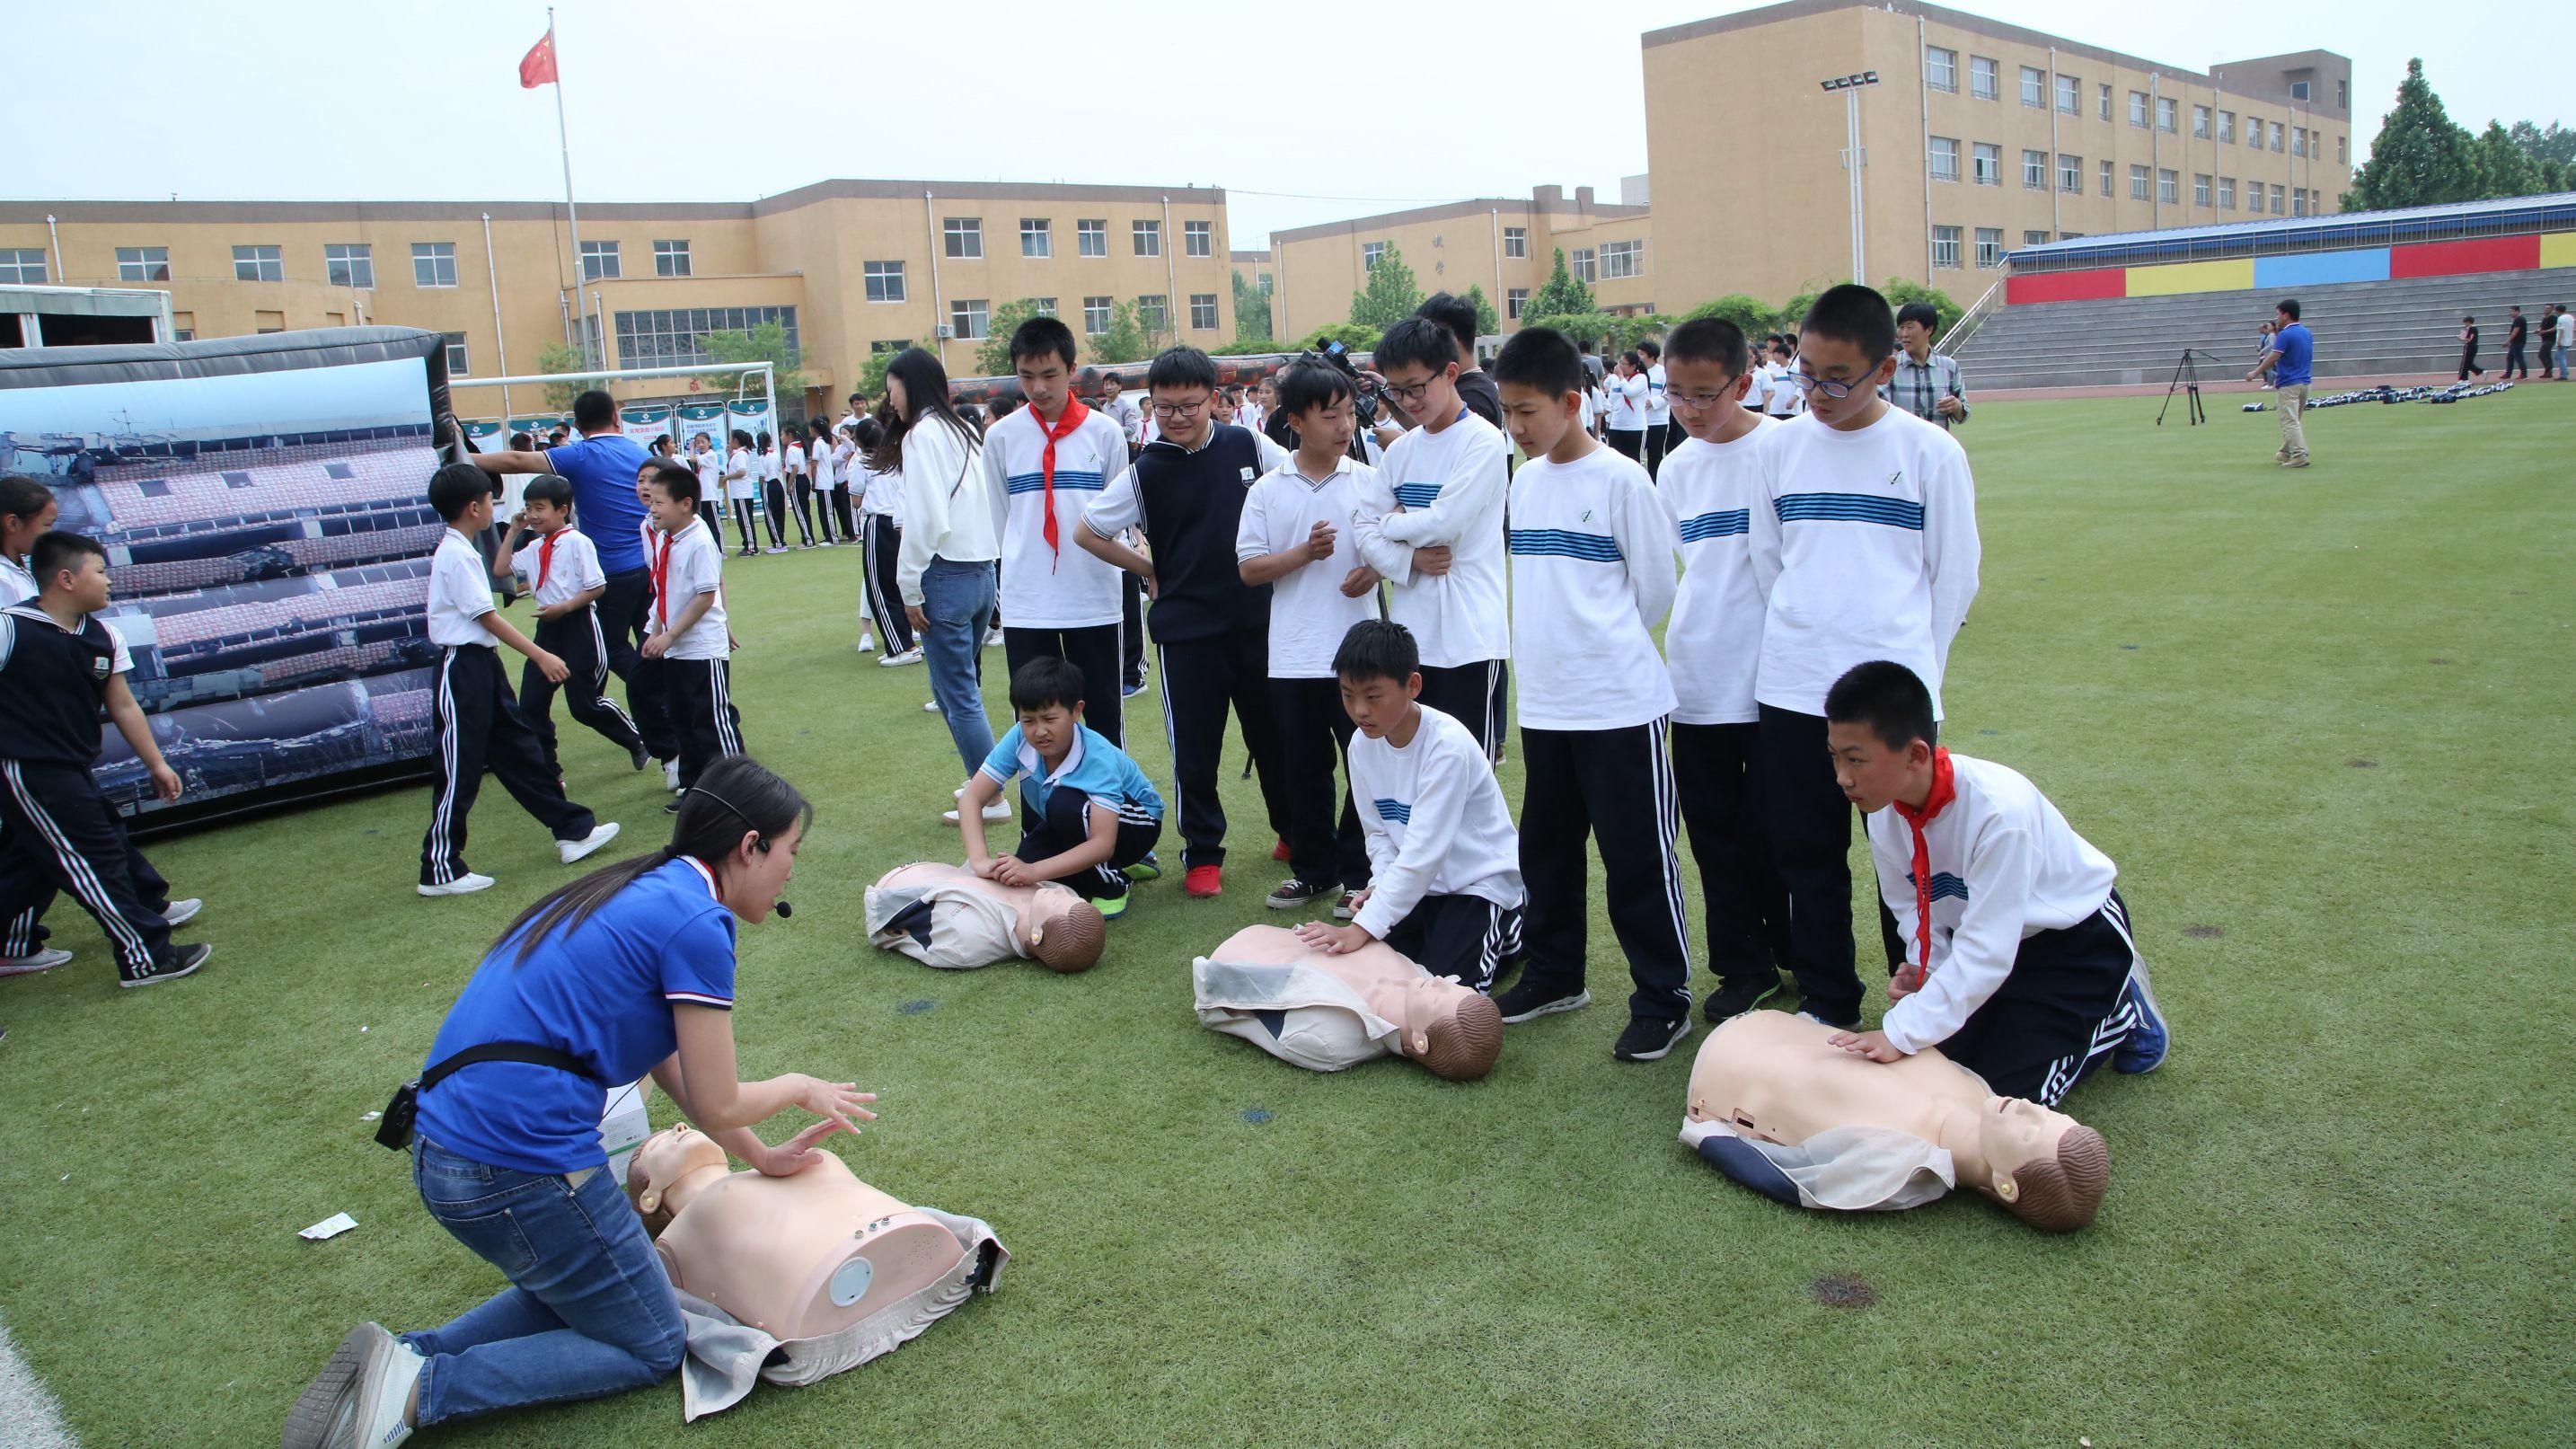 【中国雄安新闻】容城县举行中小学地震应急疏散综合演练